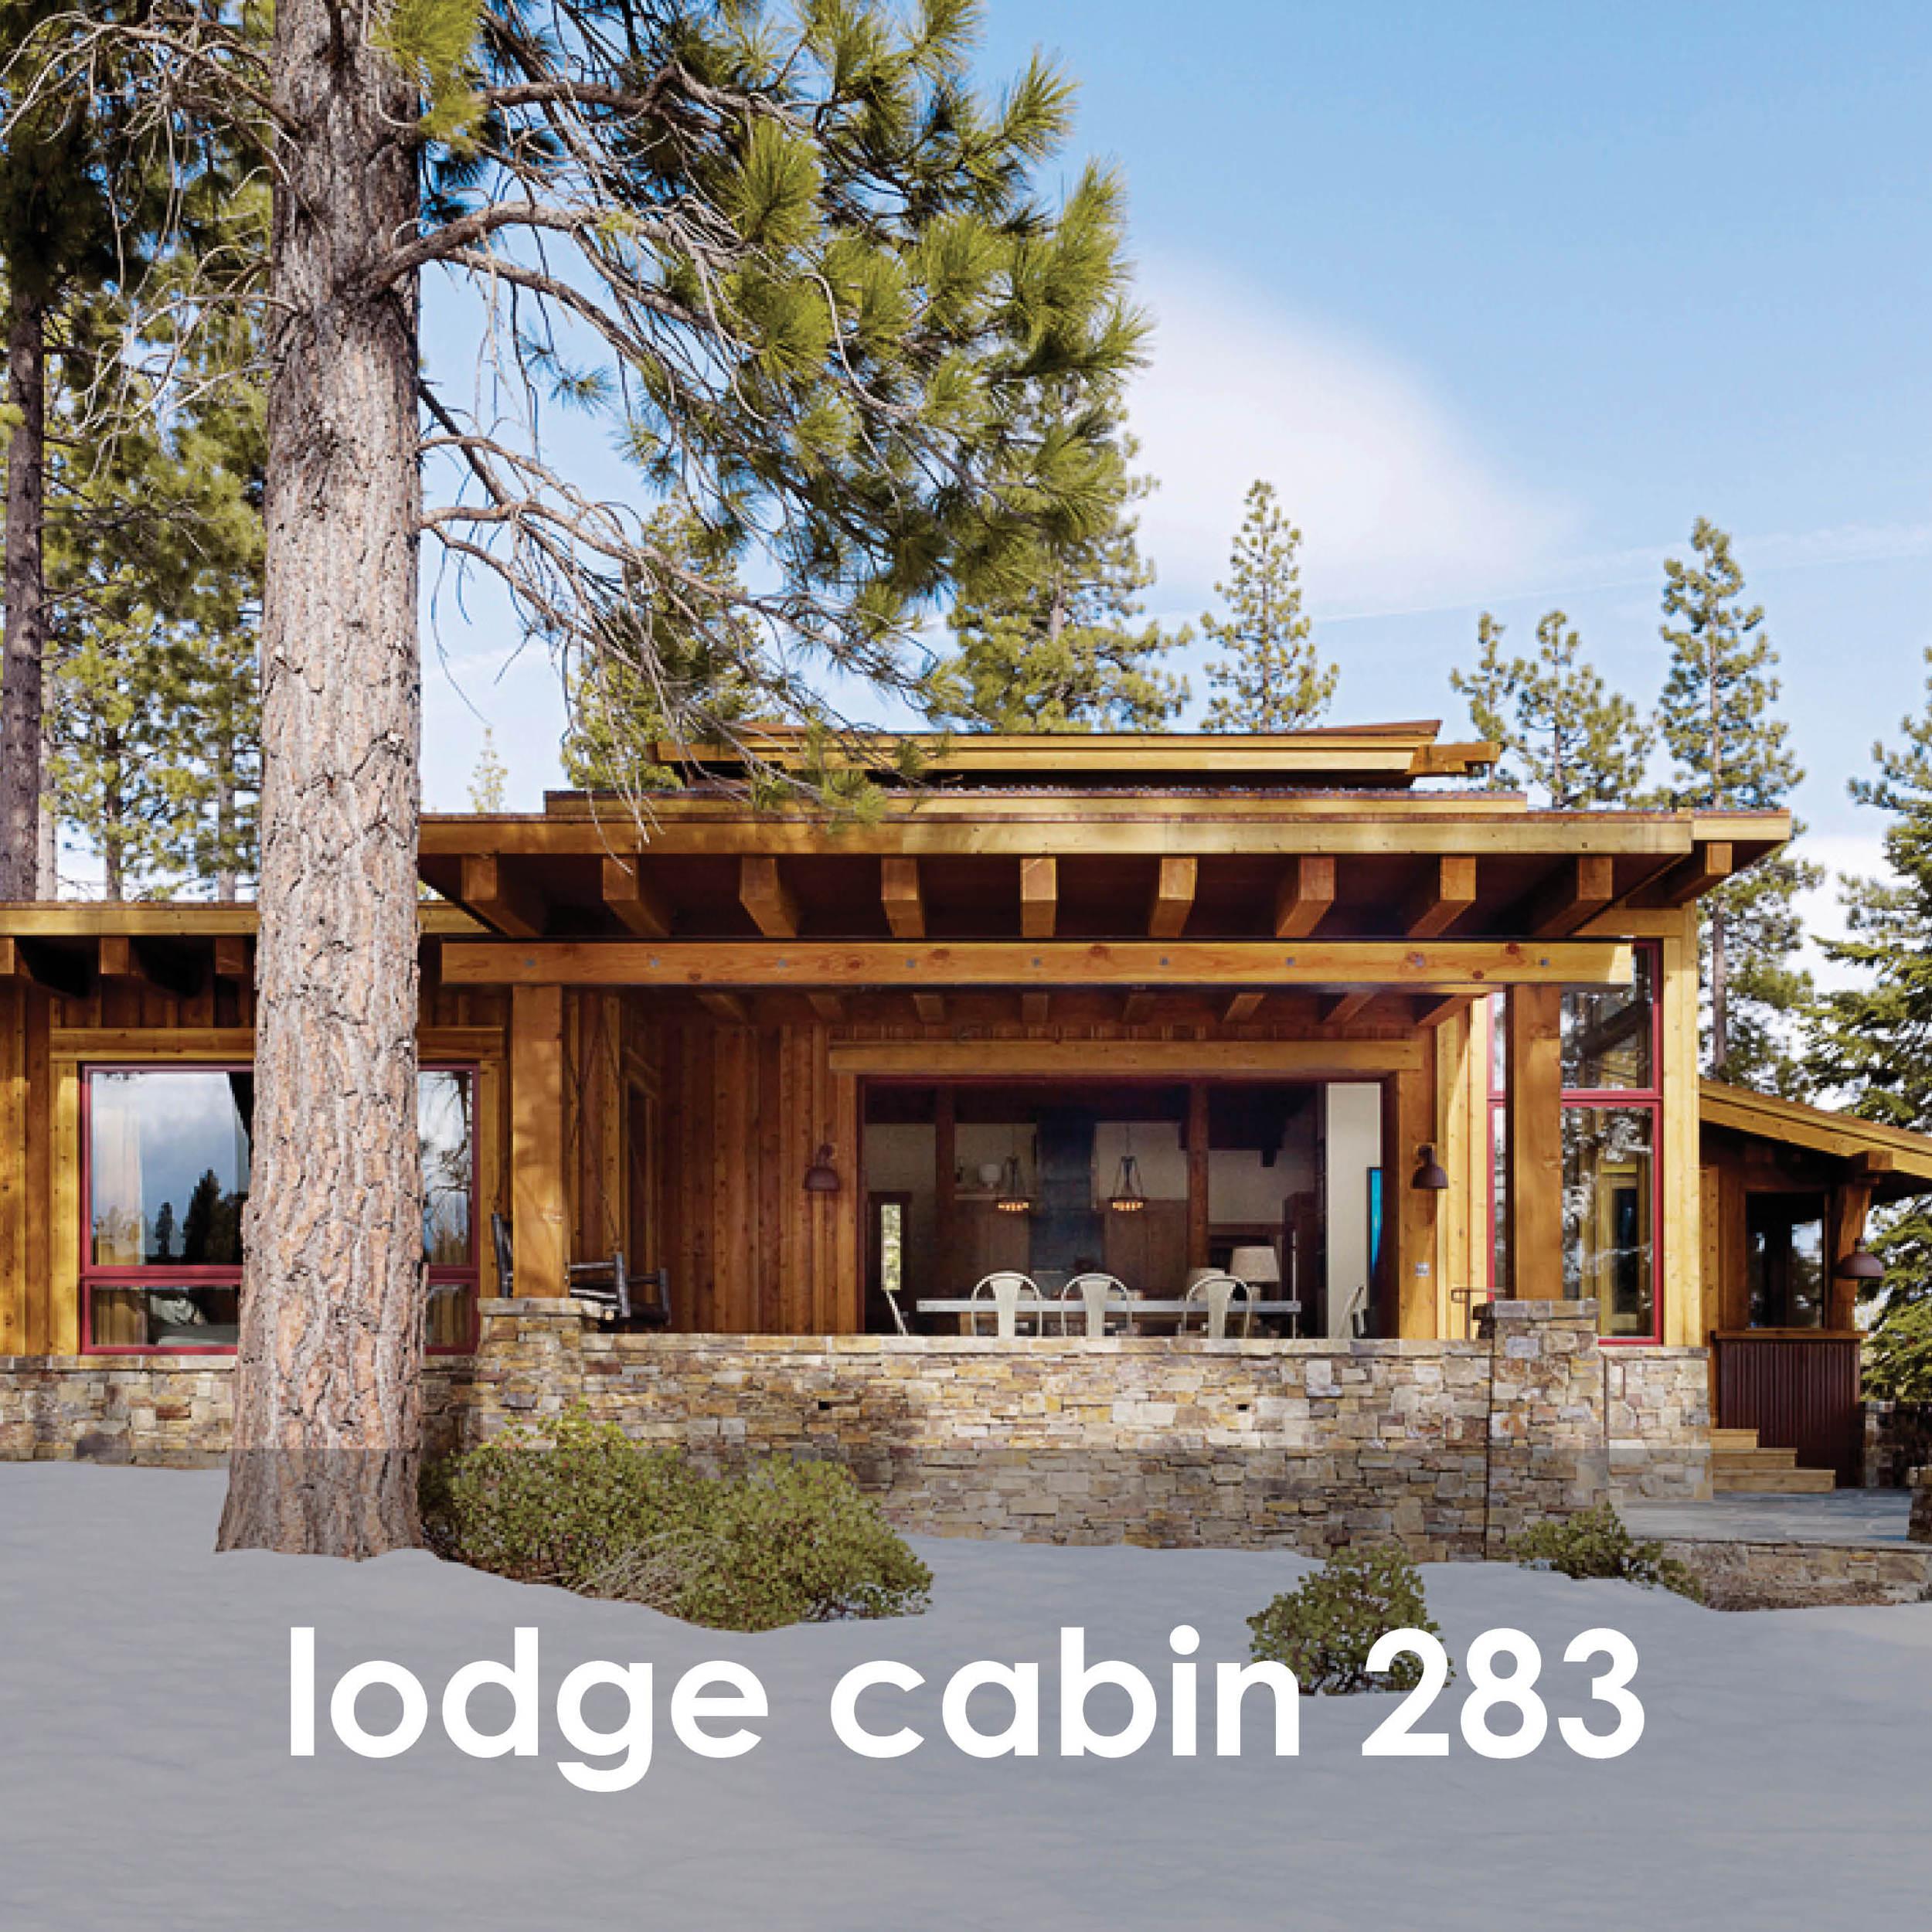 lodge-cabin-283.jpg